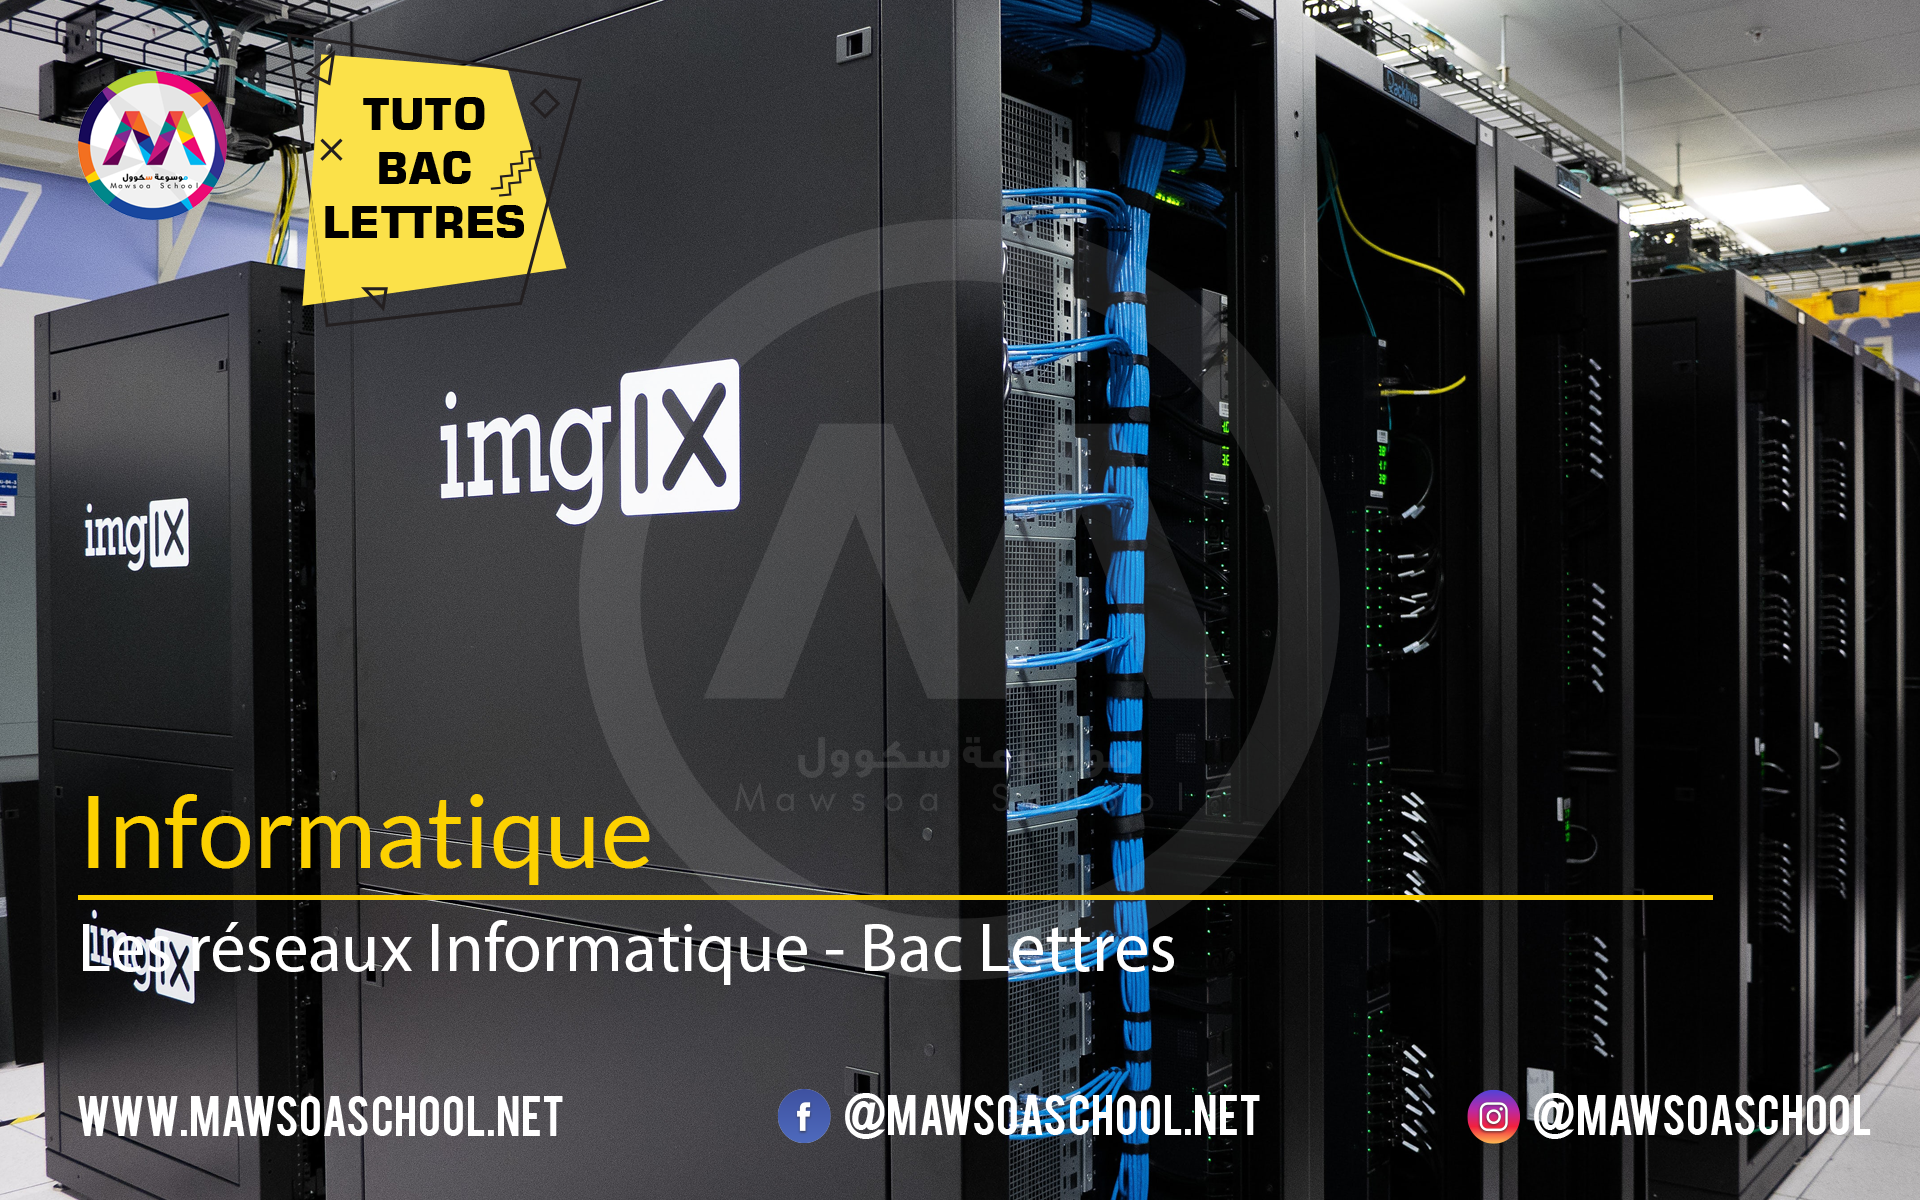 Informatique: Les réseaux Informatique - Bac Lettres